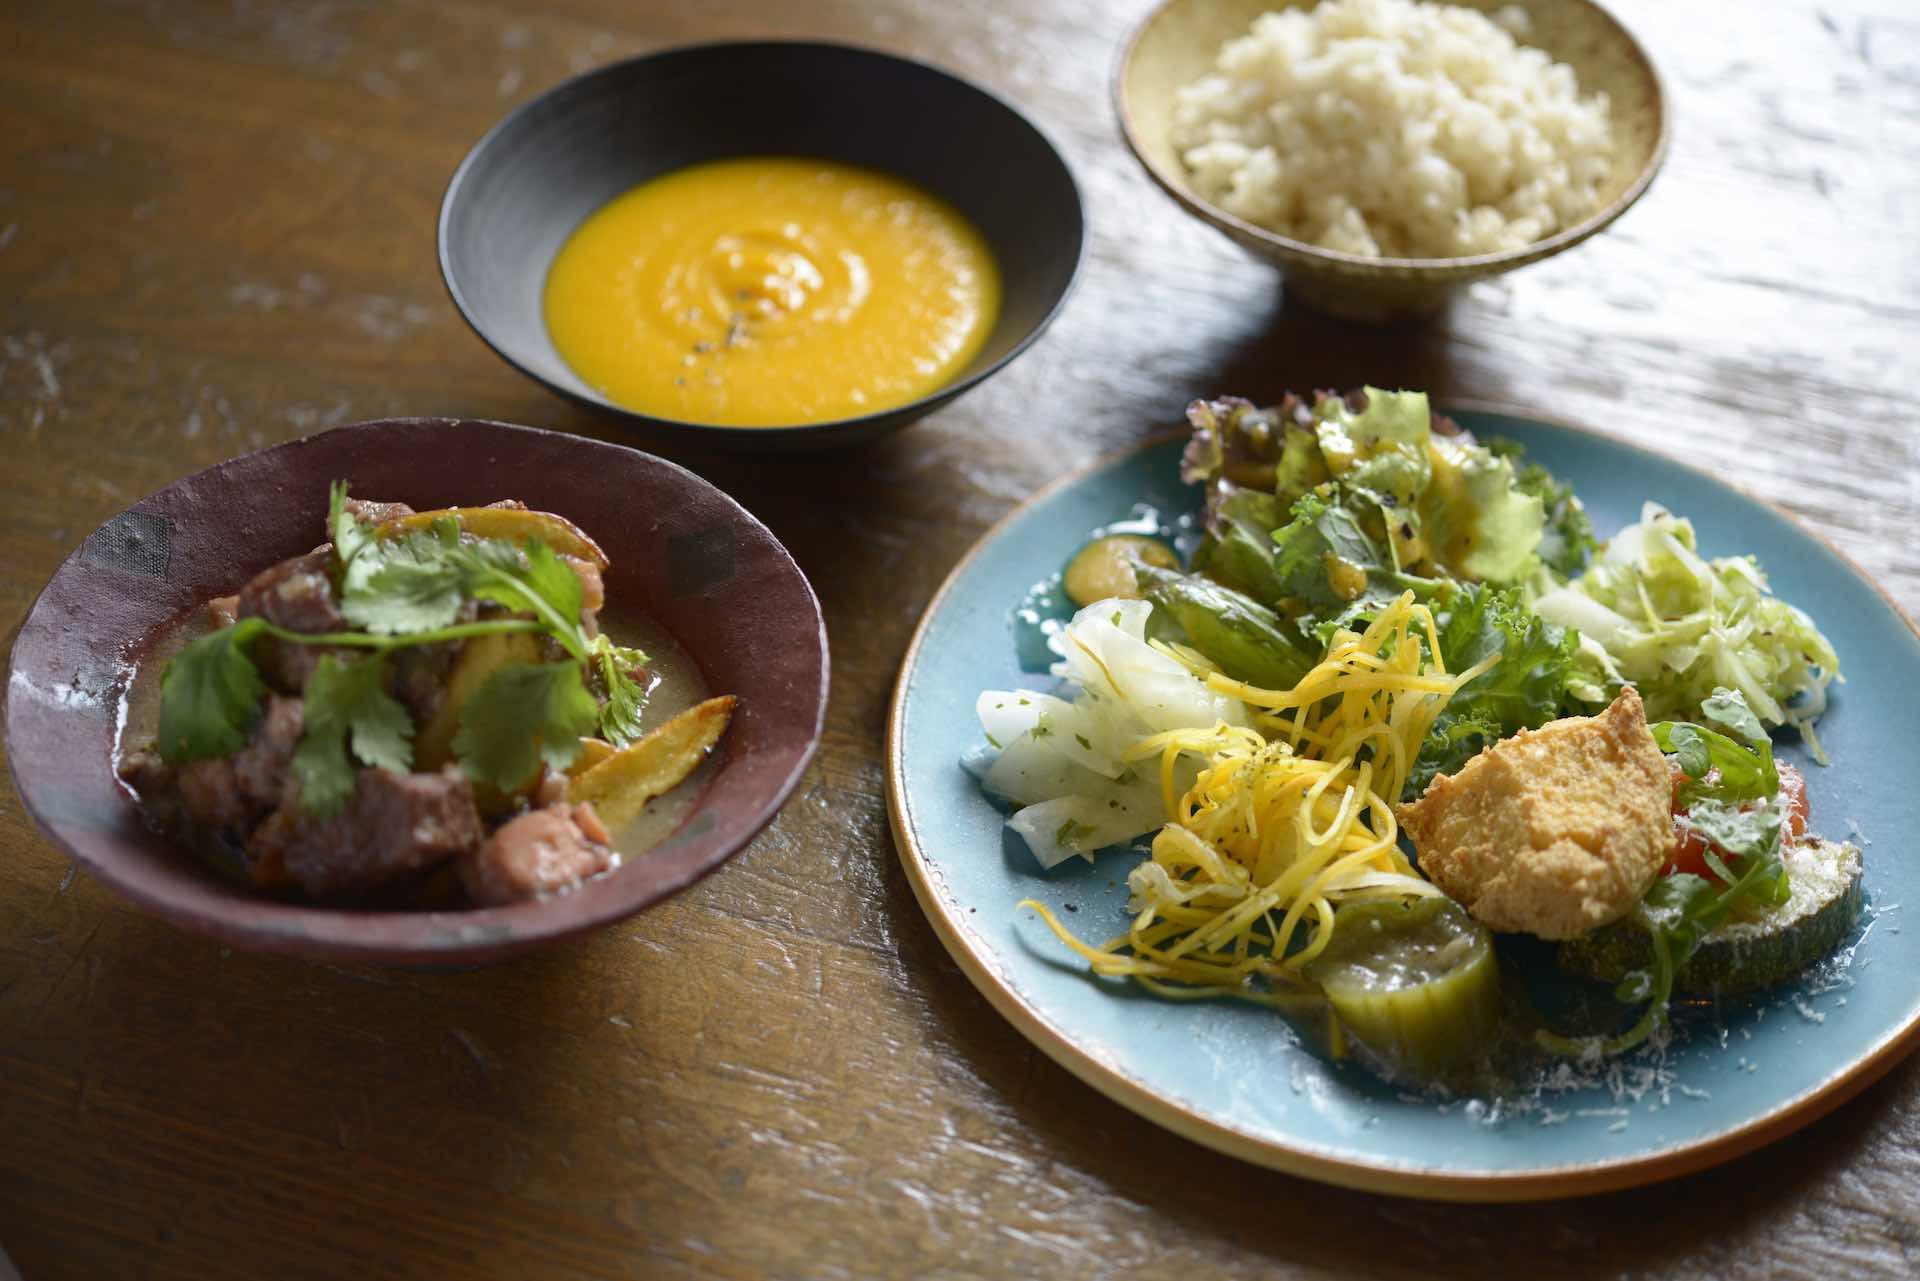 右奥のスープ皿は、「木漆工とけし」さんのうつわ。沖縄で注目の工房です。左の赤いうつわは木村容二郎さん、手前の青い皿は大嶺工房、奥のご飯茶碗は宮城陶器さんのものと、沖縄の作家さんのうつわがずらり